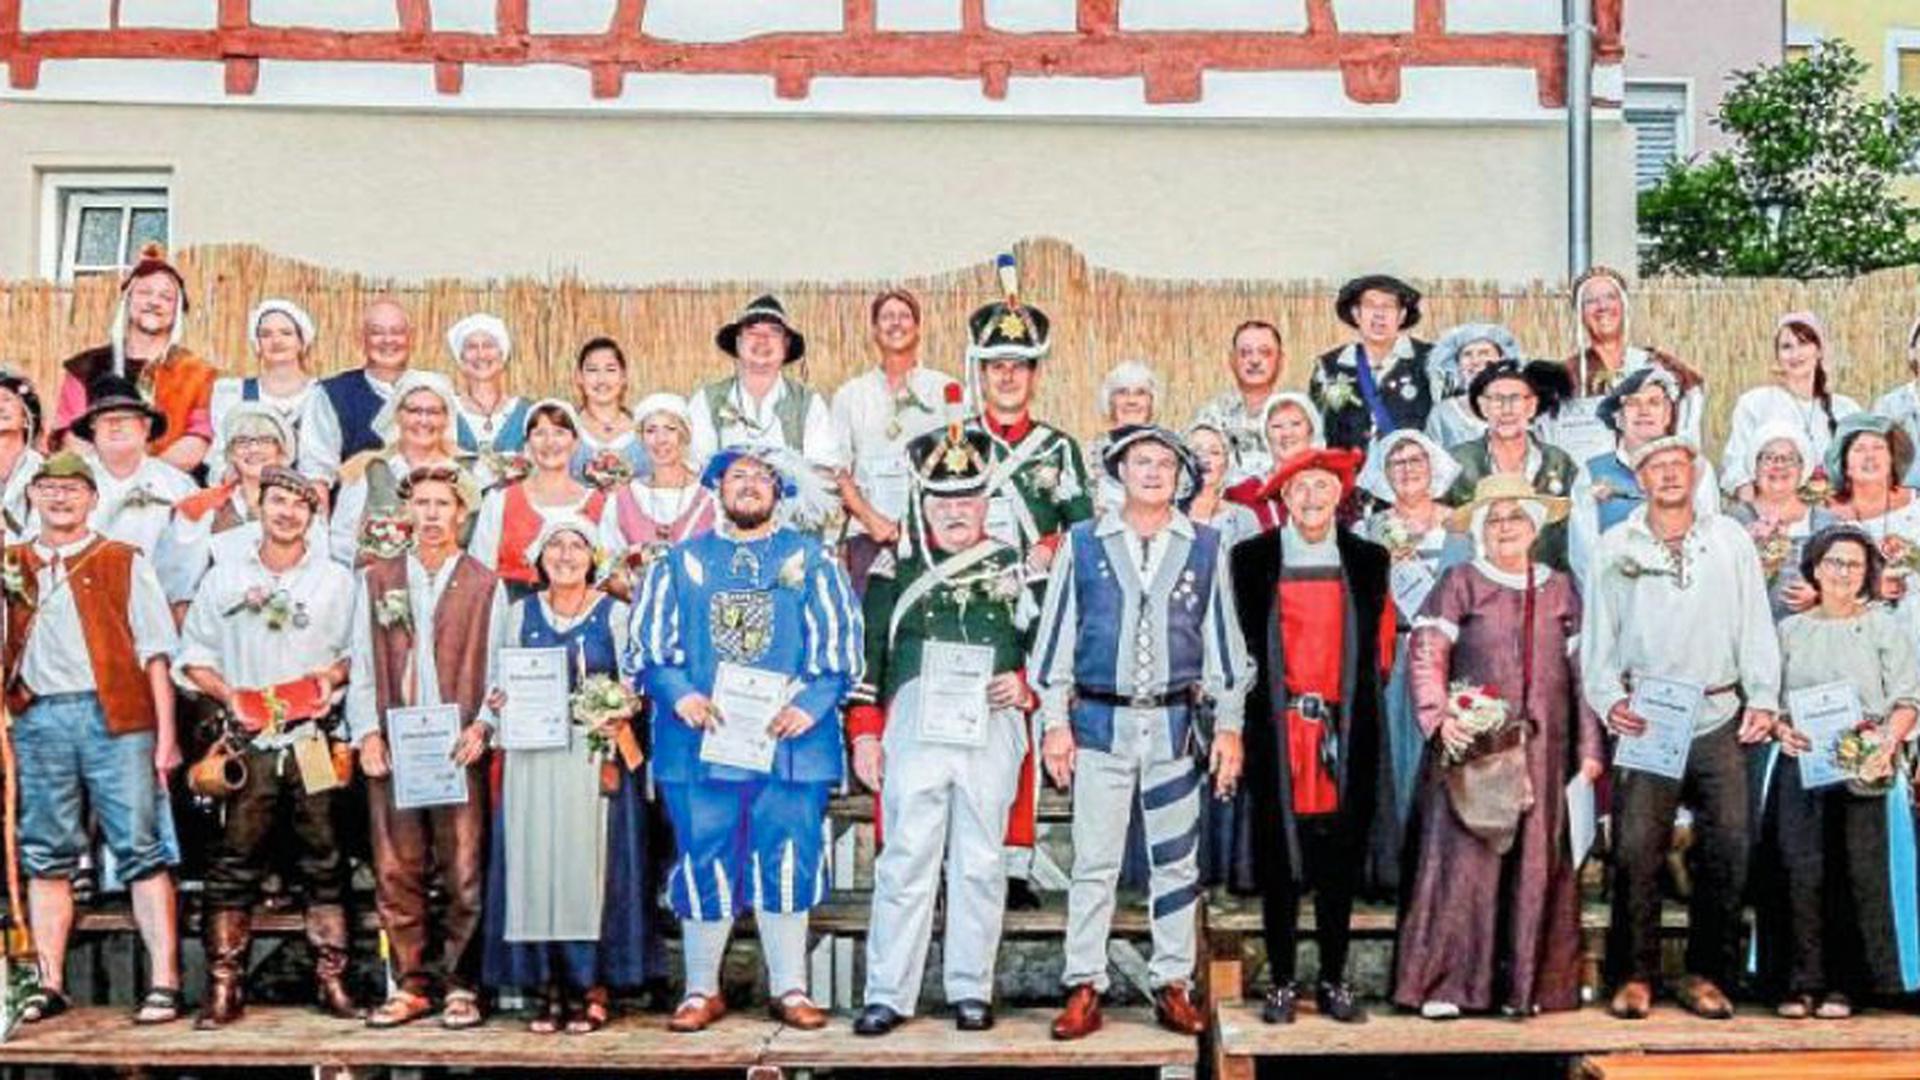 Verdiente Aktive wurden beim Empfang der Vereinigung Alt-Brettheim auf dem Kirchplatz von Stadtvogt Peter Dick (vorn Mitte mit rotschwarzem Gewand) und Schultheiß Martin Wolff (daneben) geehrt.